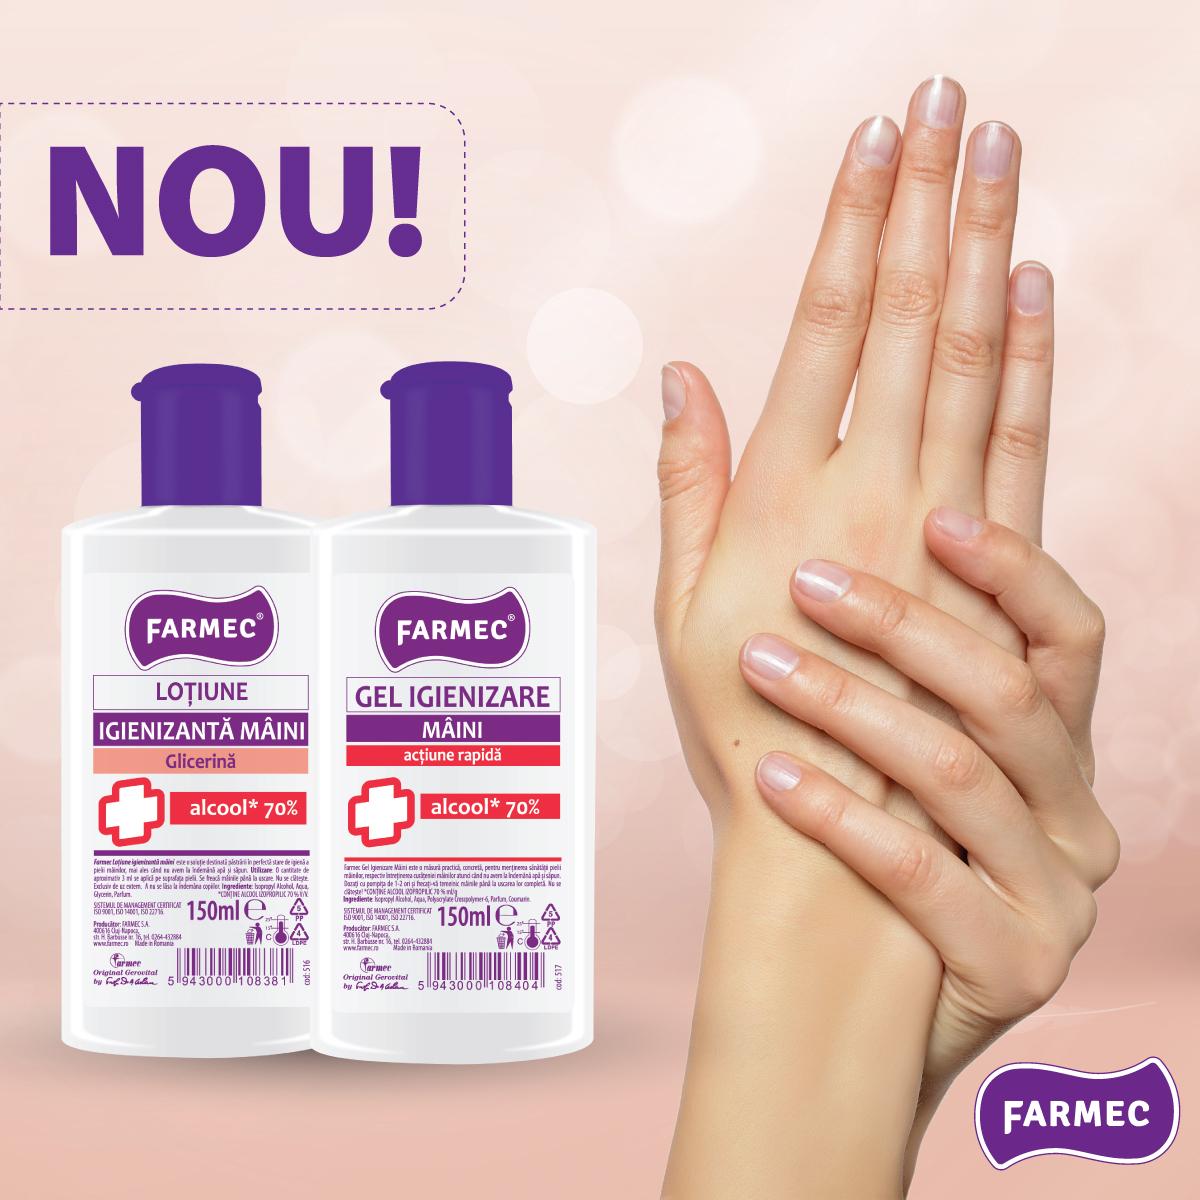 (P) Farmec începe producția a două noi produse igienizante pentru mâini